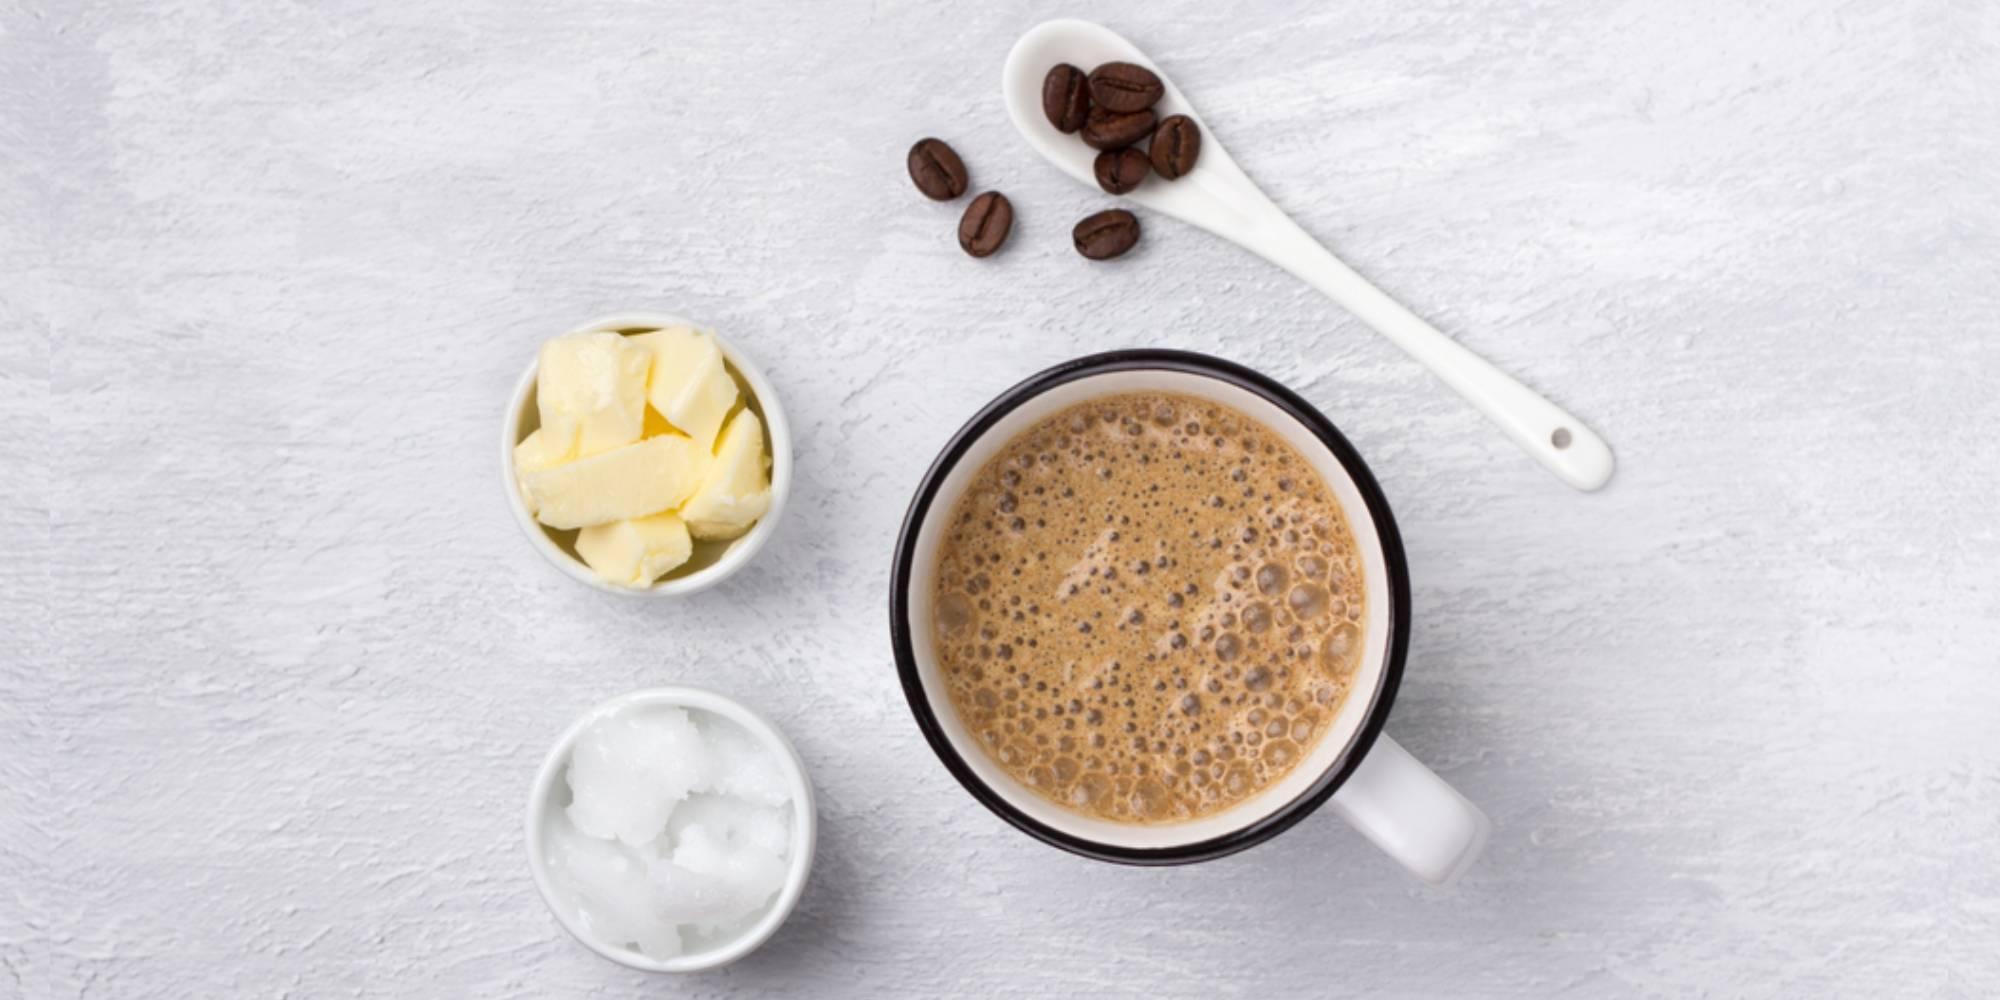 café au beurre keto low carb